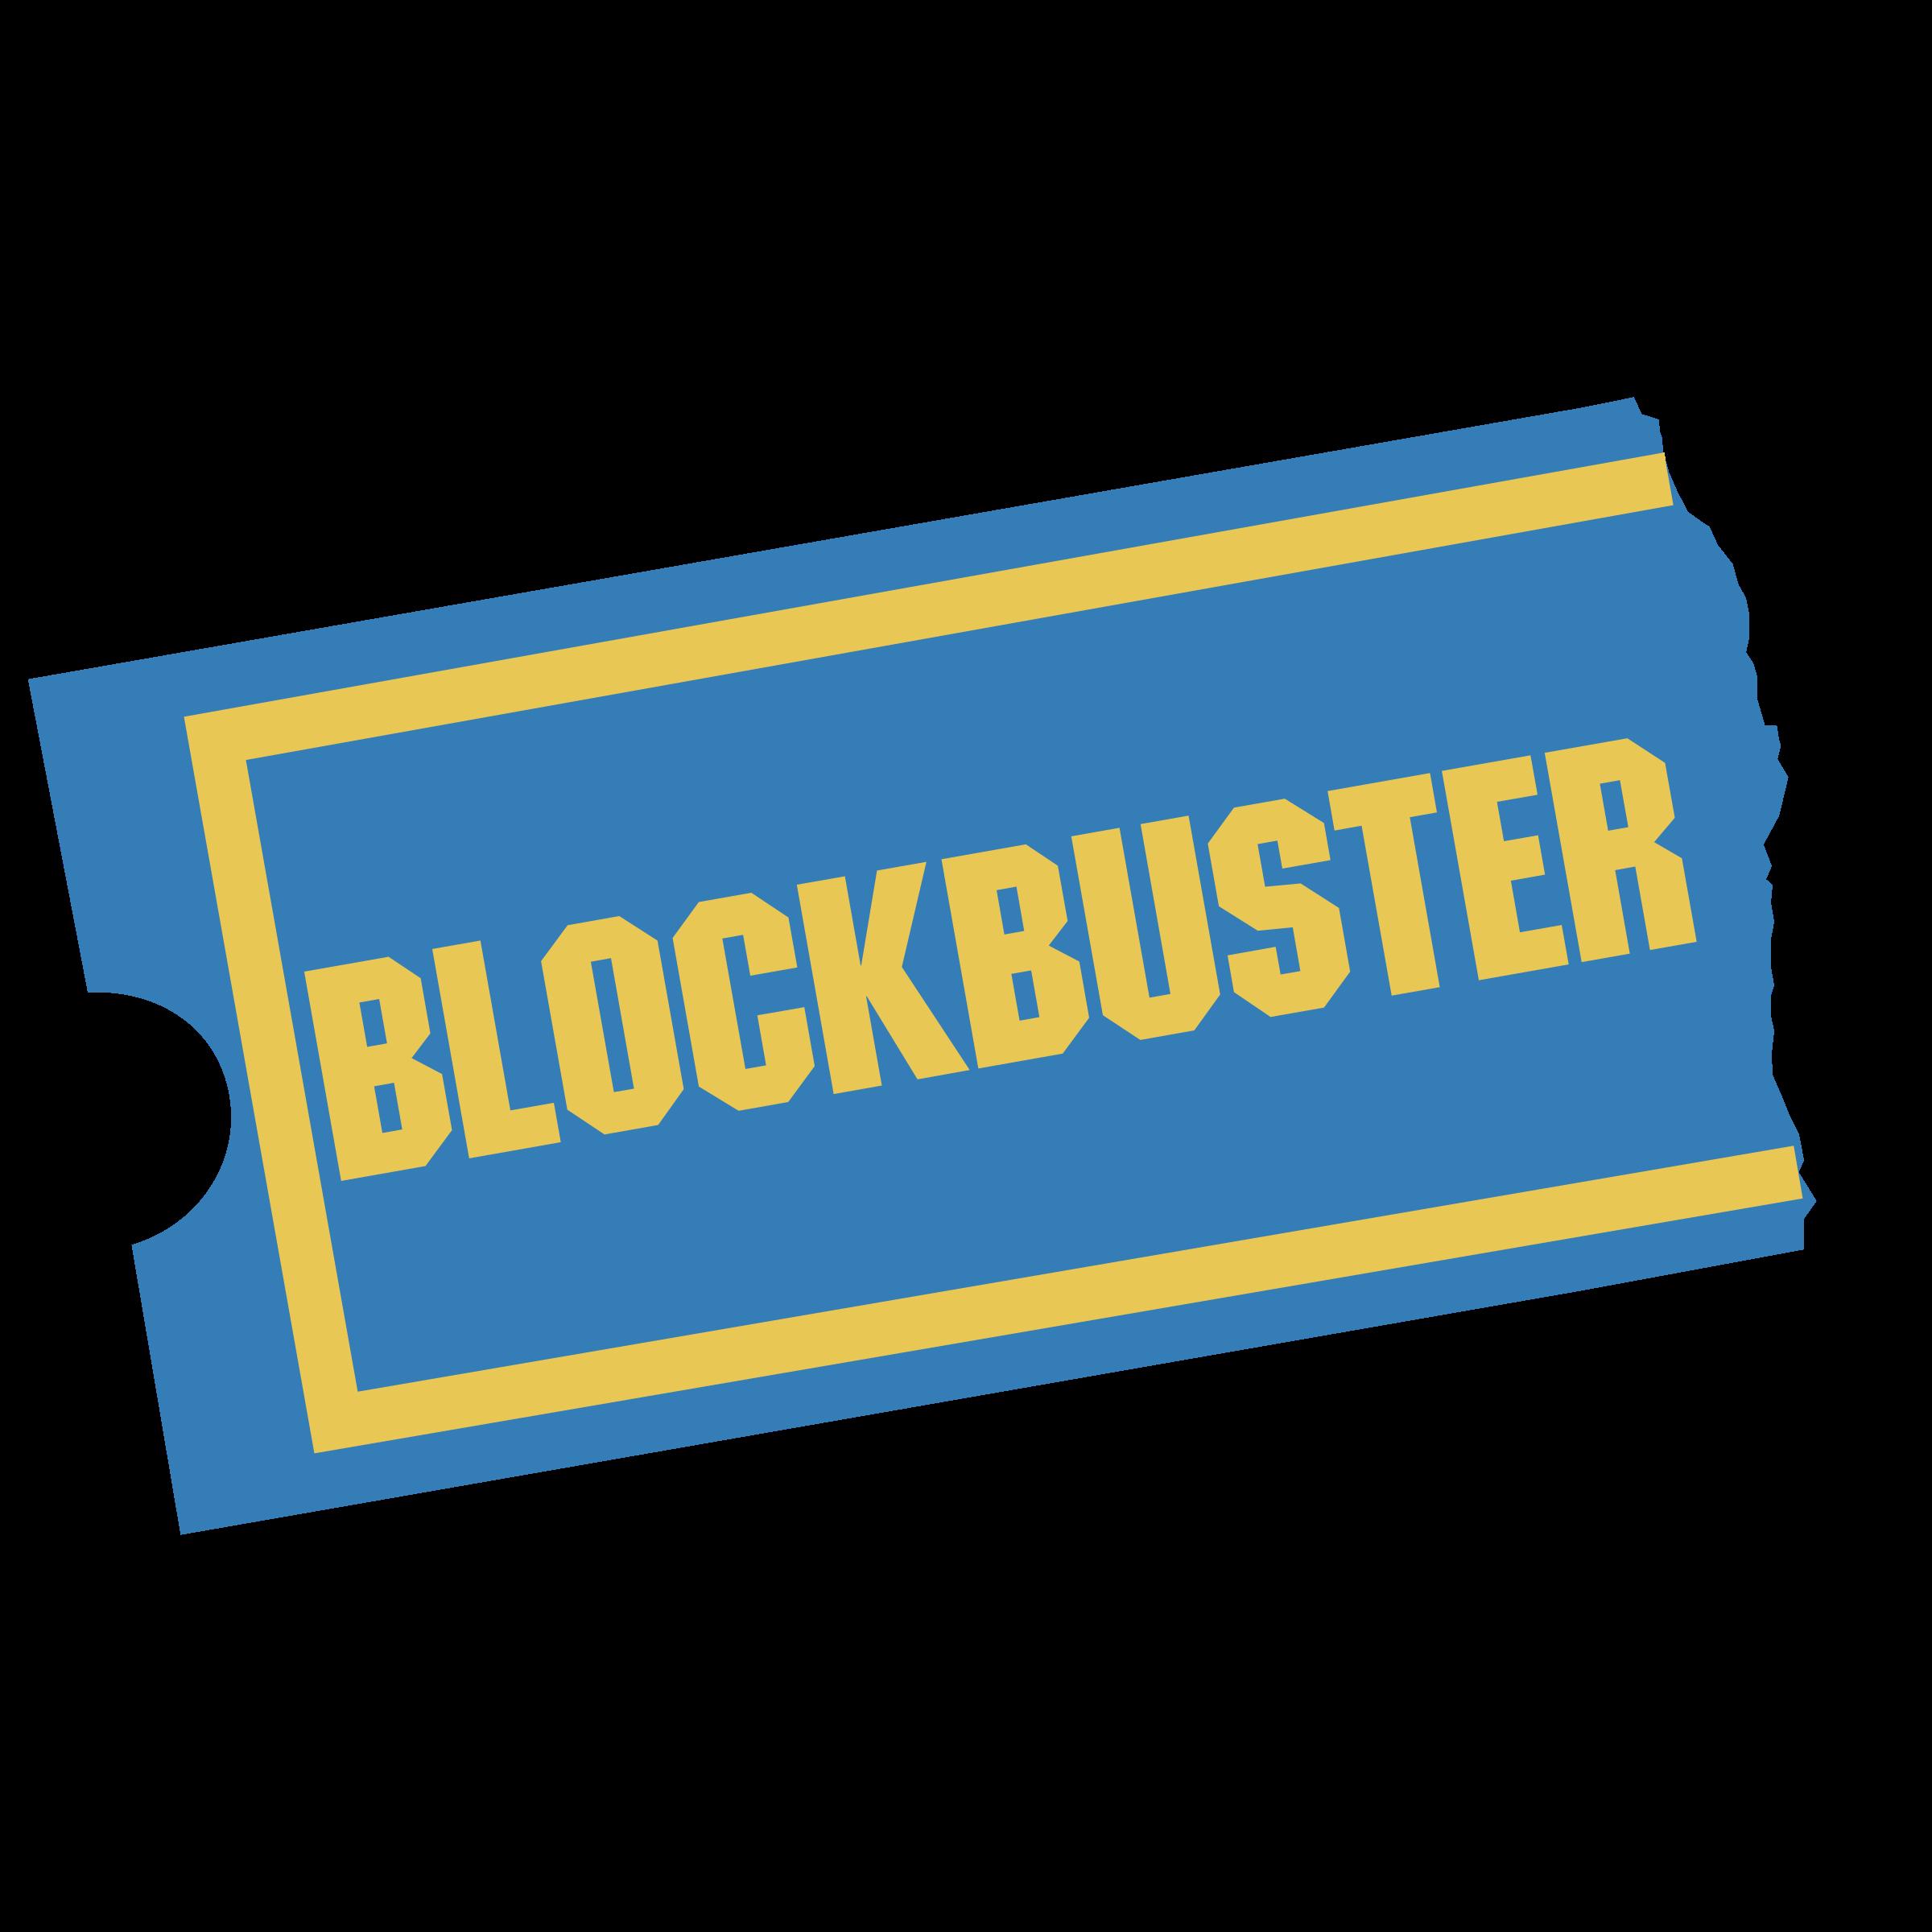 Blockbuster 01 Logo PNG Transparent & SVG Vector.